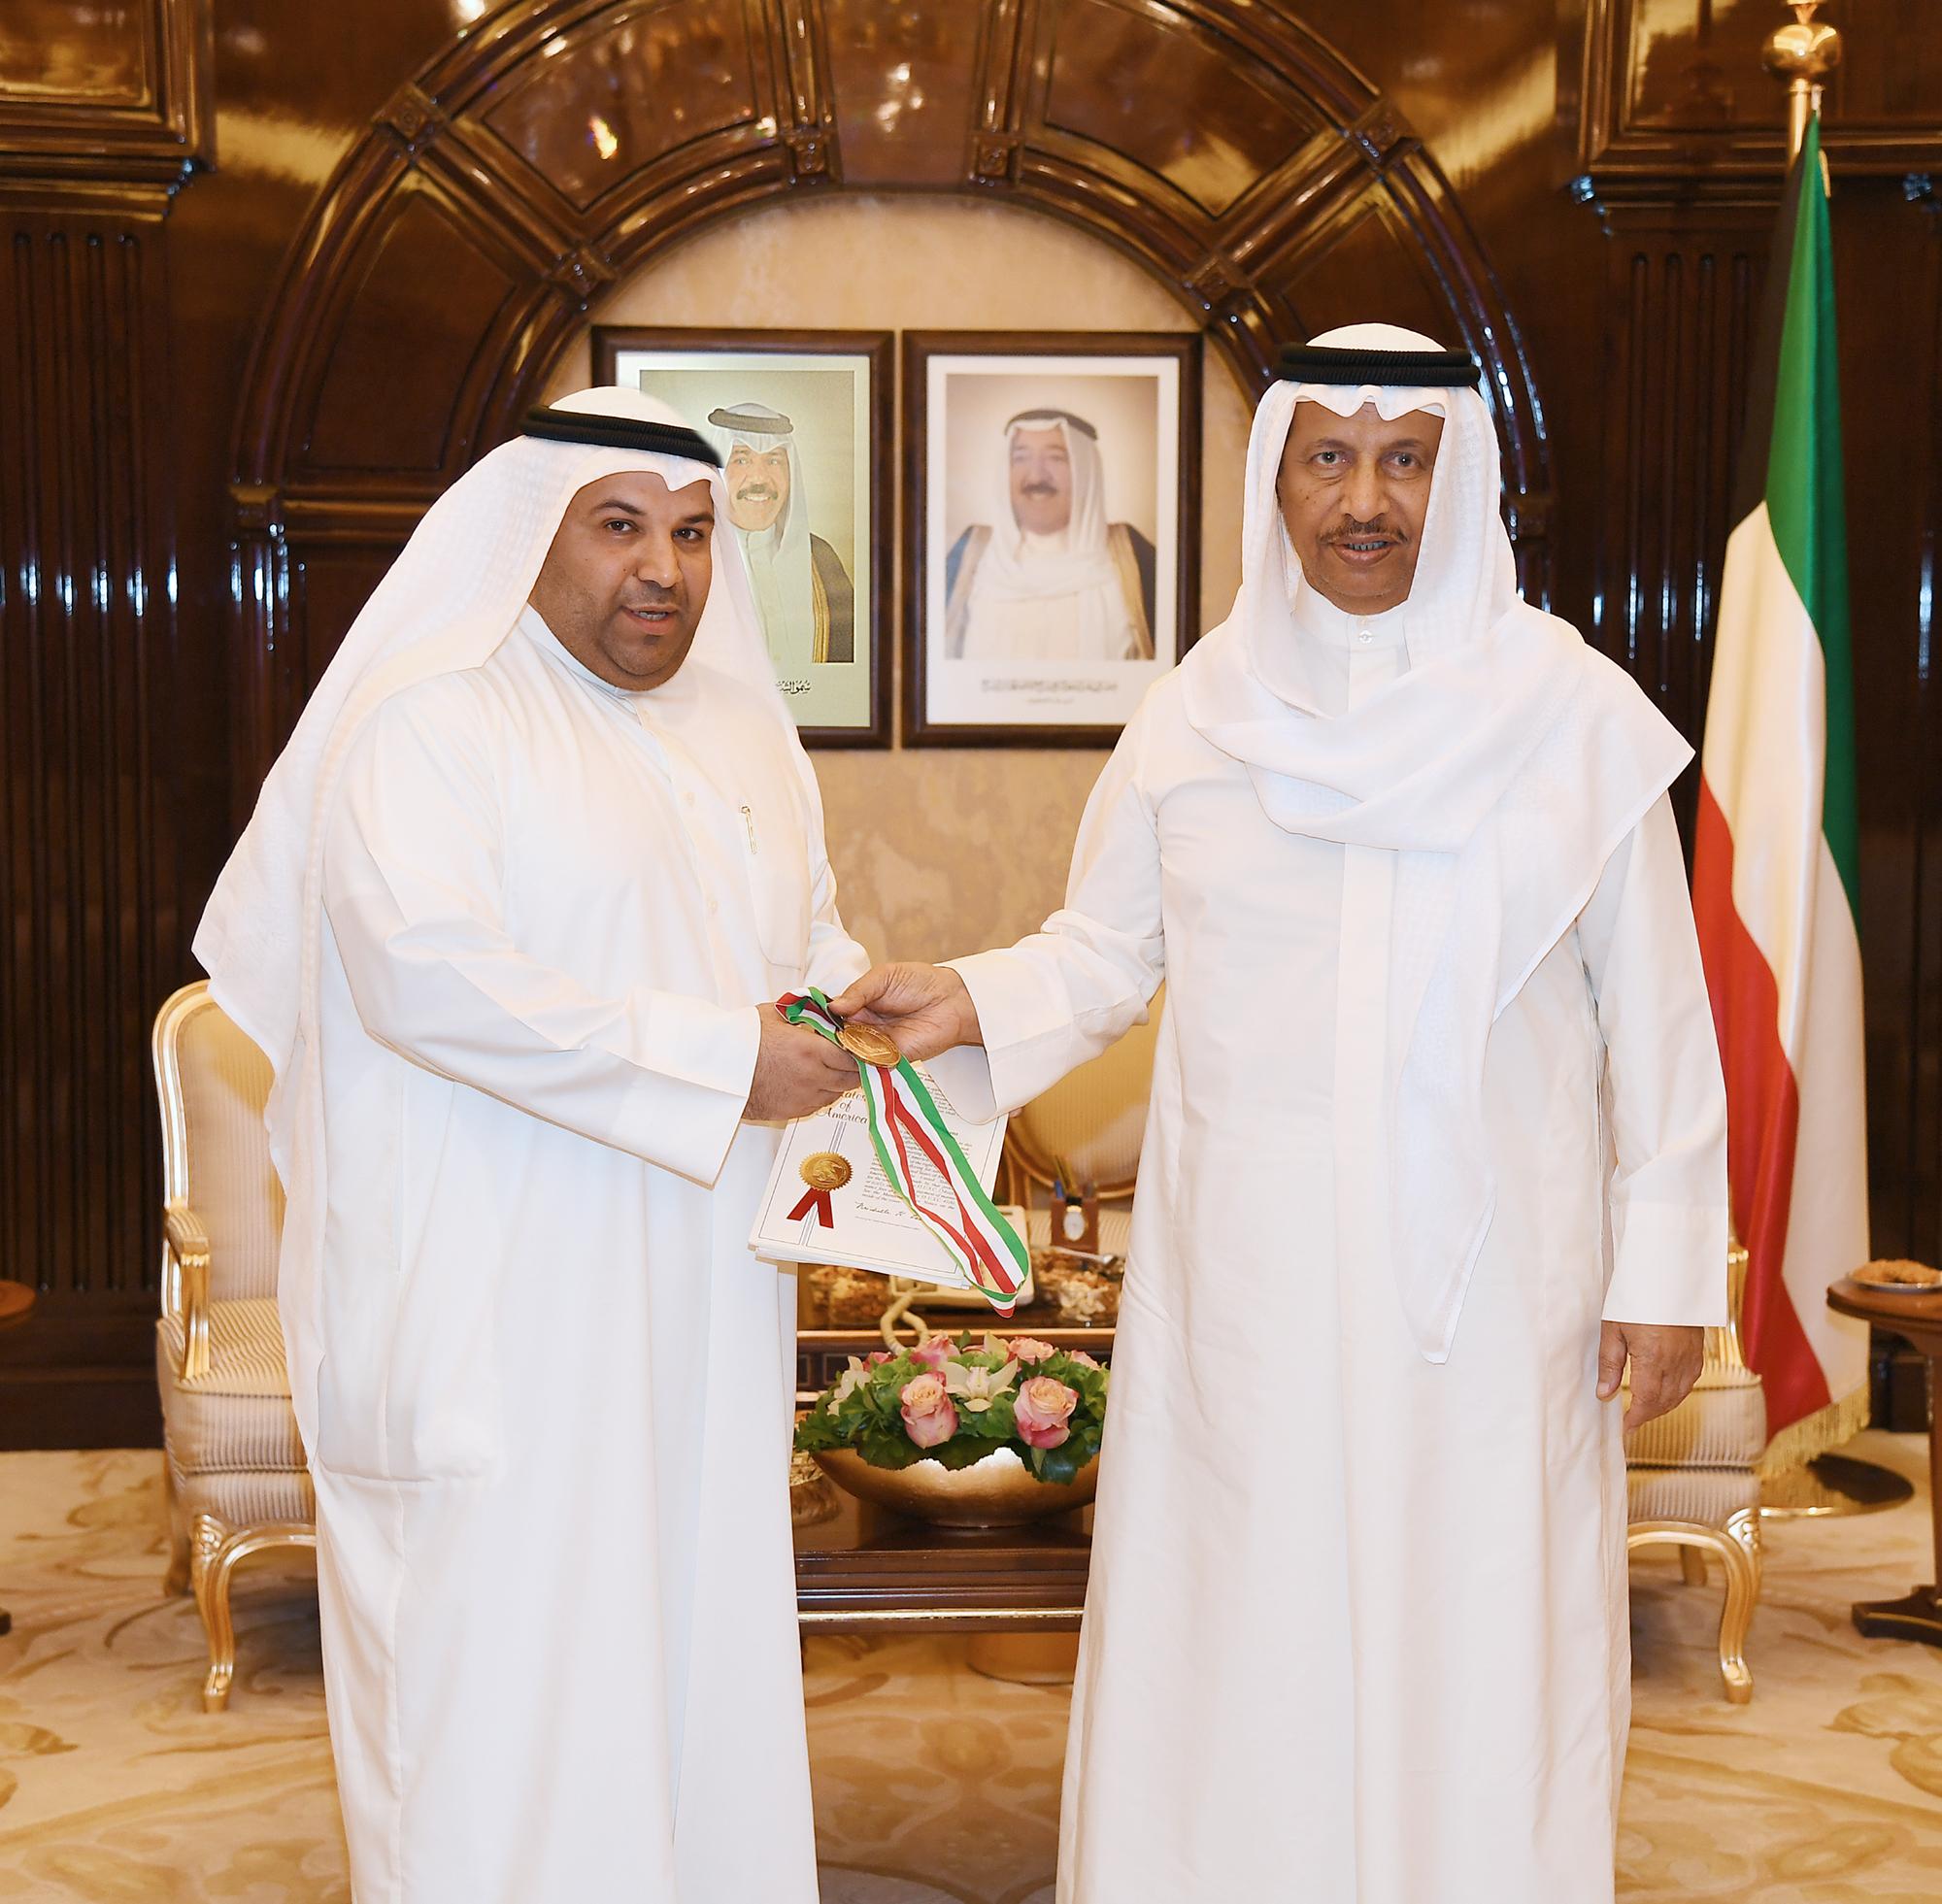 سمو رئيس الوزراء يستقبل مخترعا كويتيا حاصلا على براءات عالمية وميدالية ذهبية بمعرض (ايتكس)